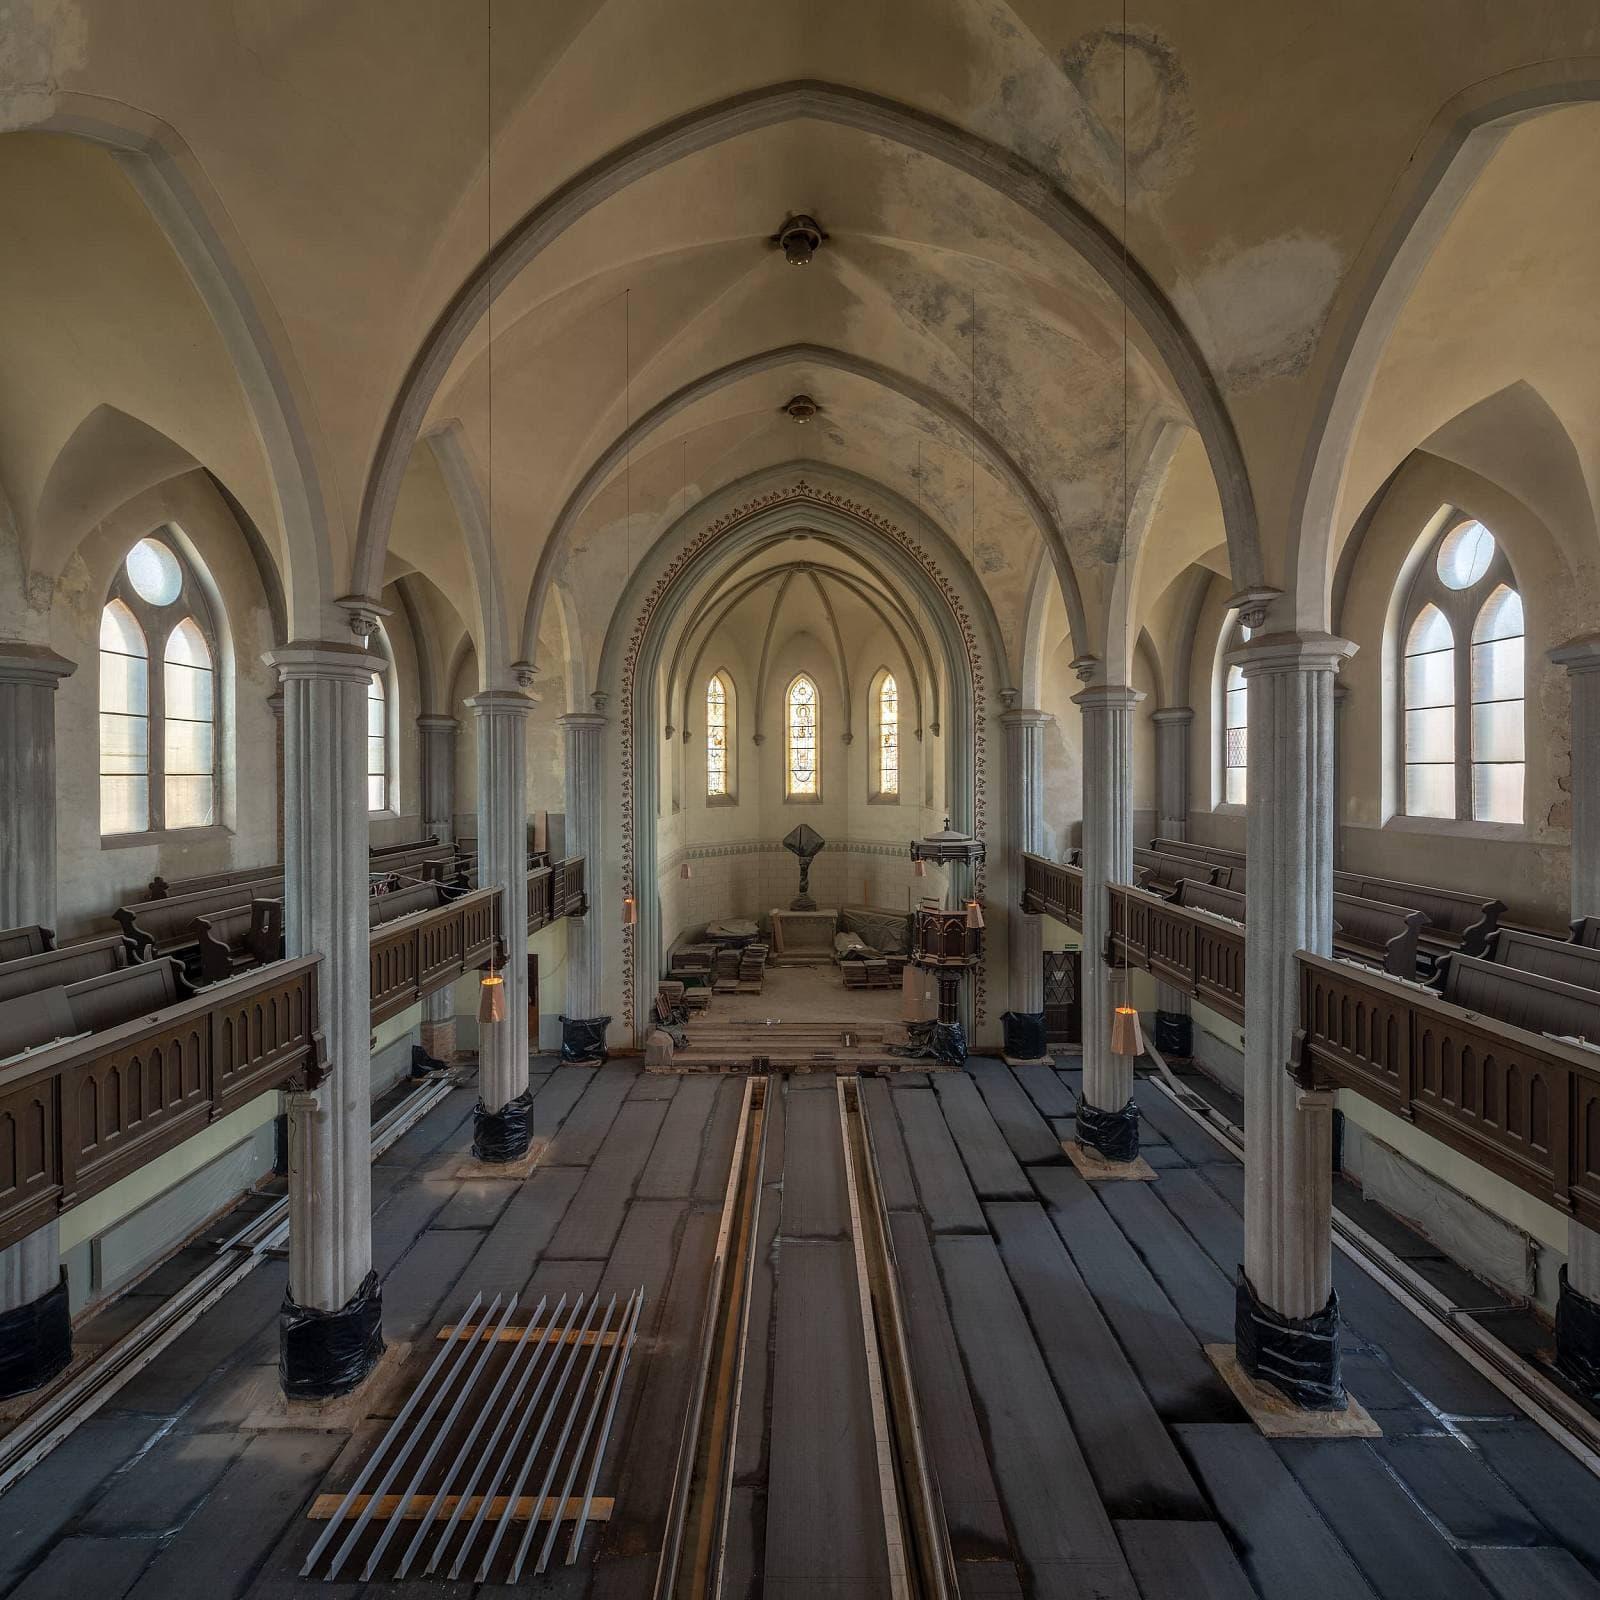 Regentaucher Architekturfotografie | Friedenskirche Leipzig